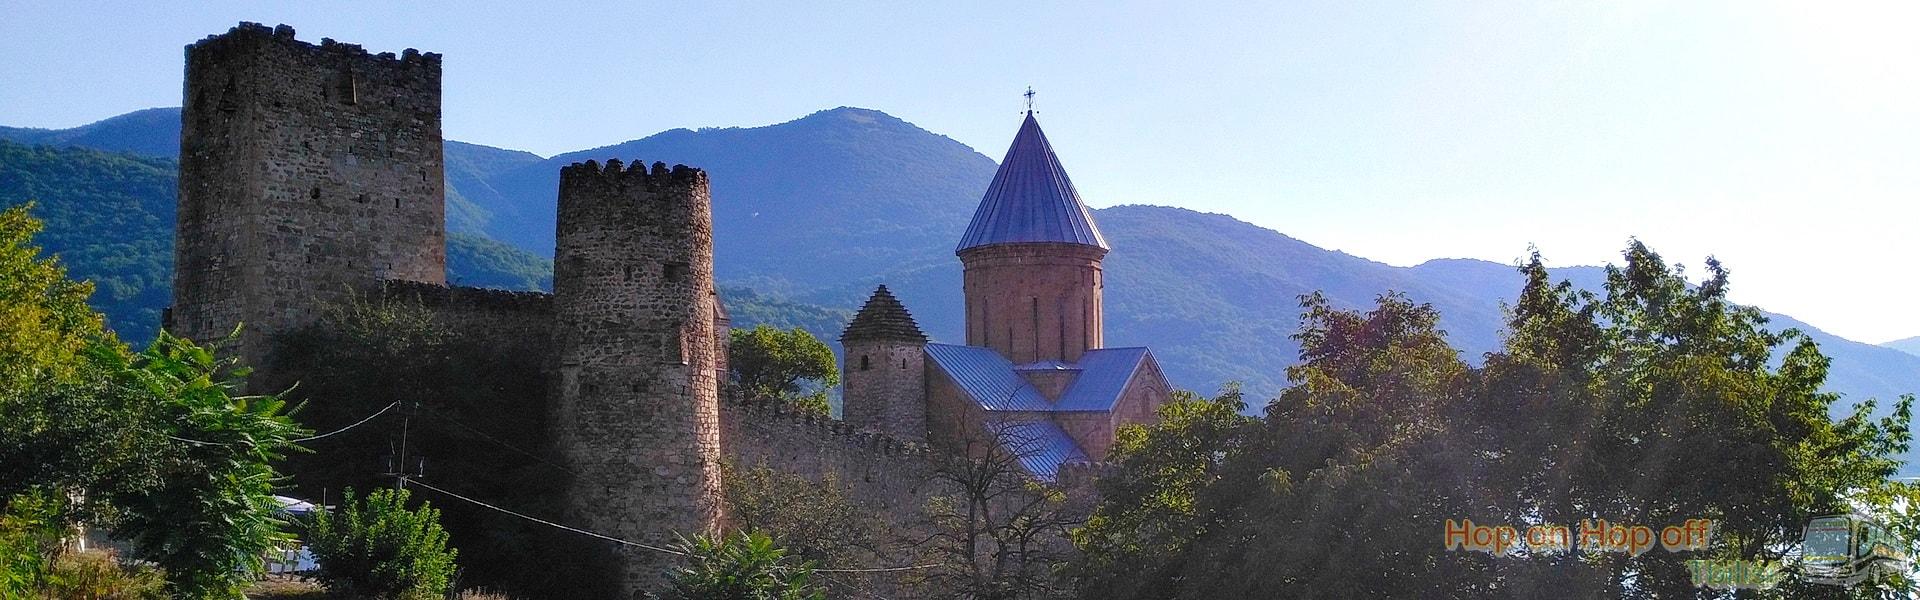 Крепость Ананури во время Экскурсии в Казбеги по Военно-Грузинской дороге Ананури - Гудаури - Казбеги с компанией Hop on Hop off Tbilisi